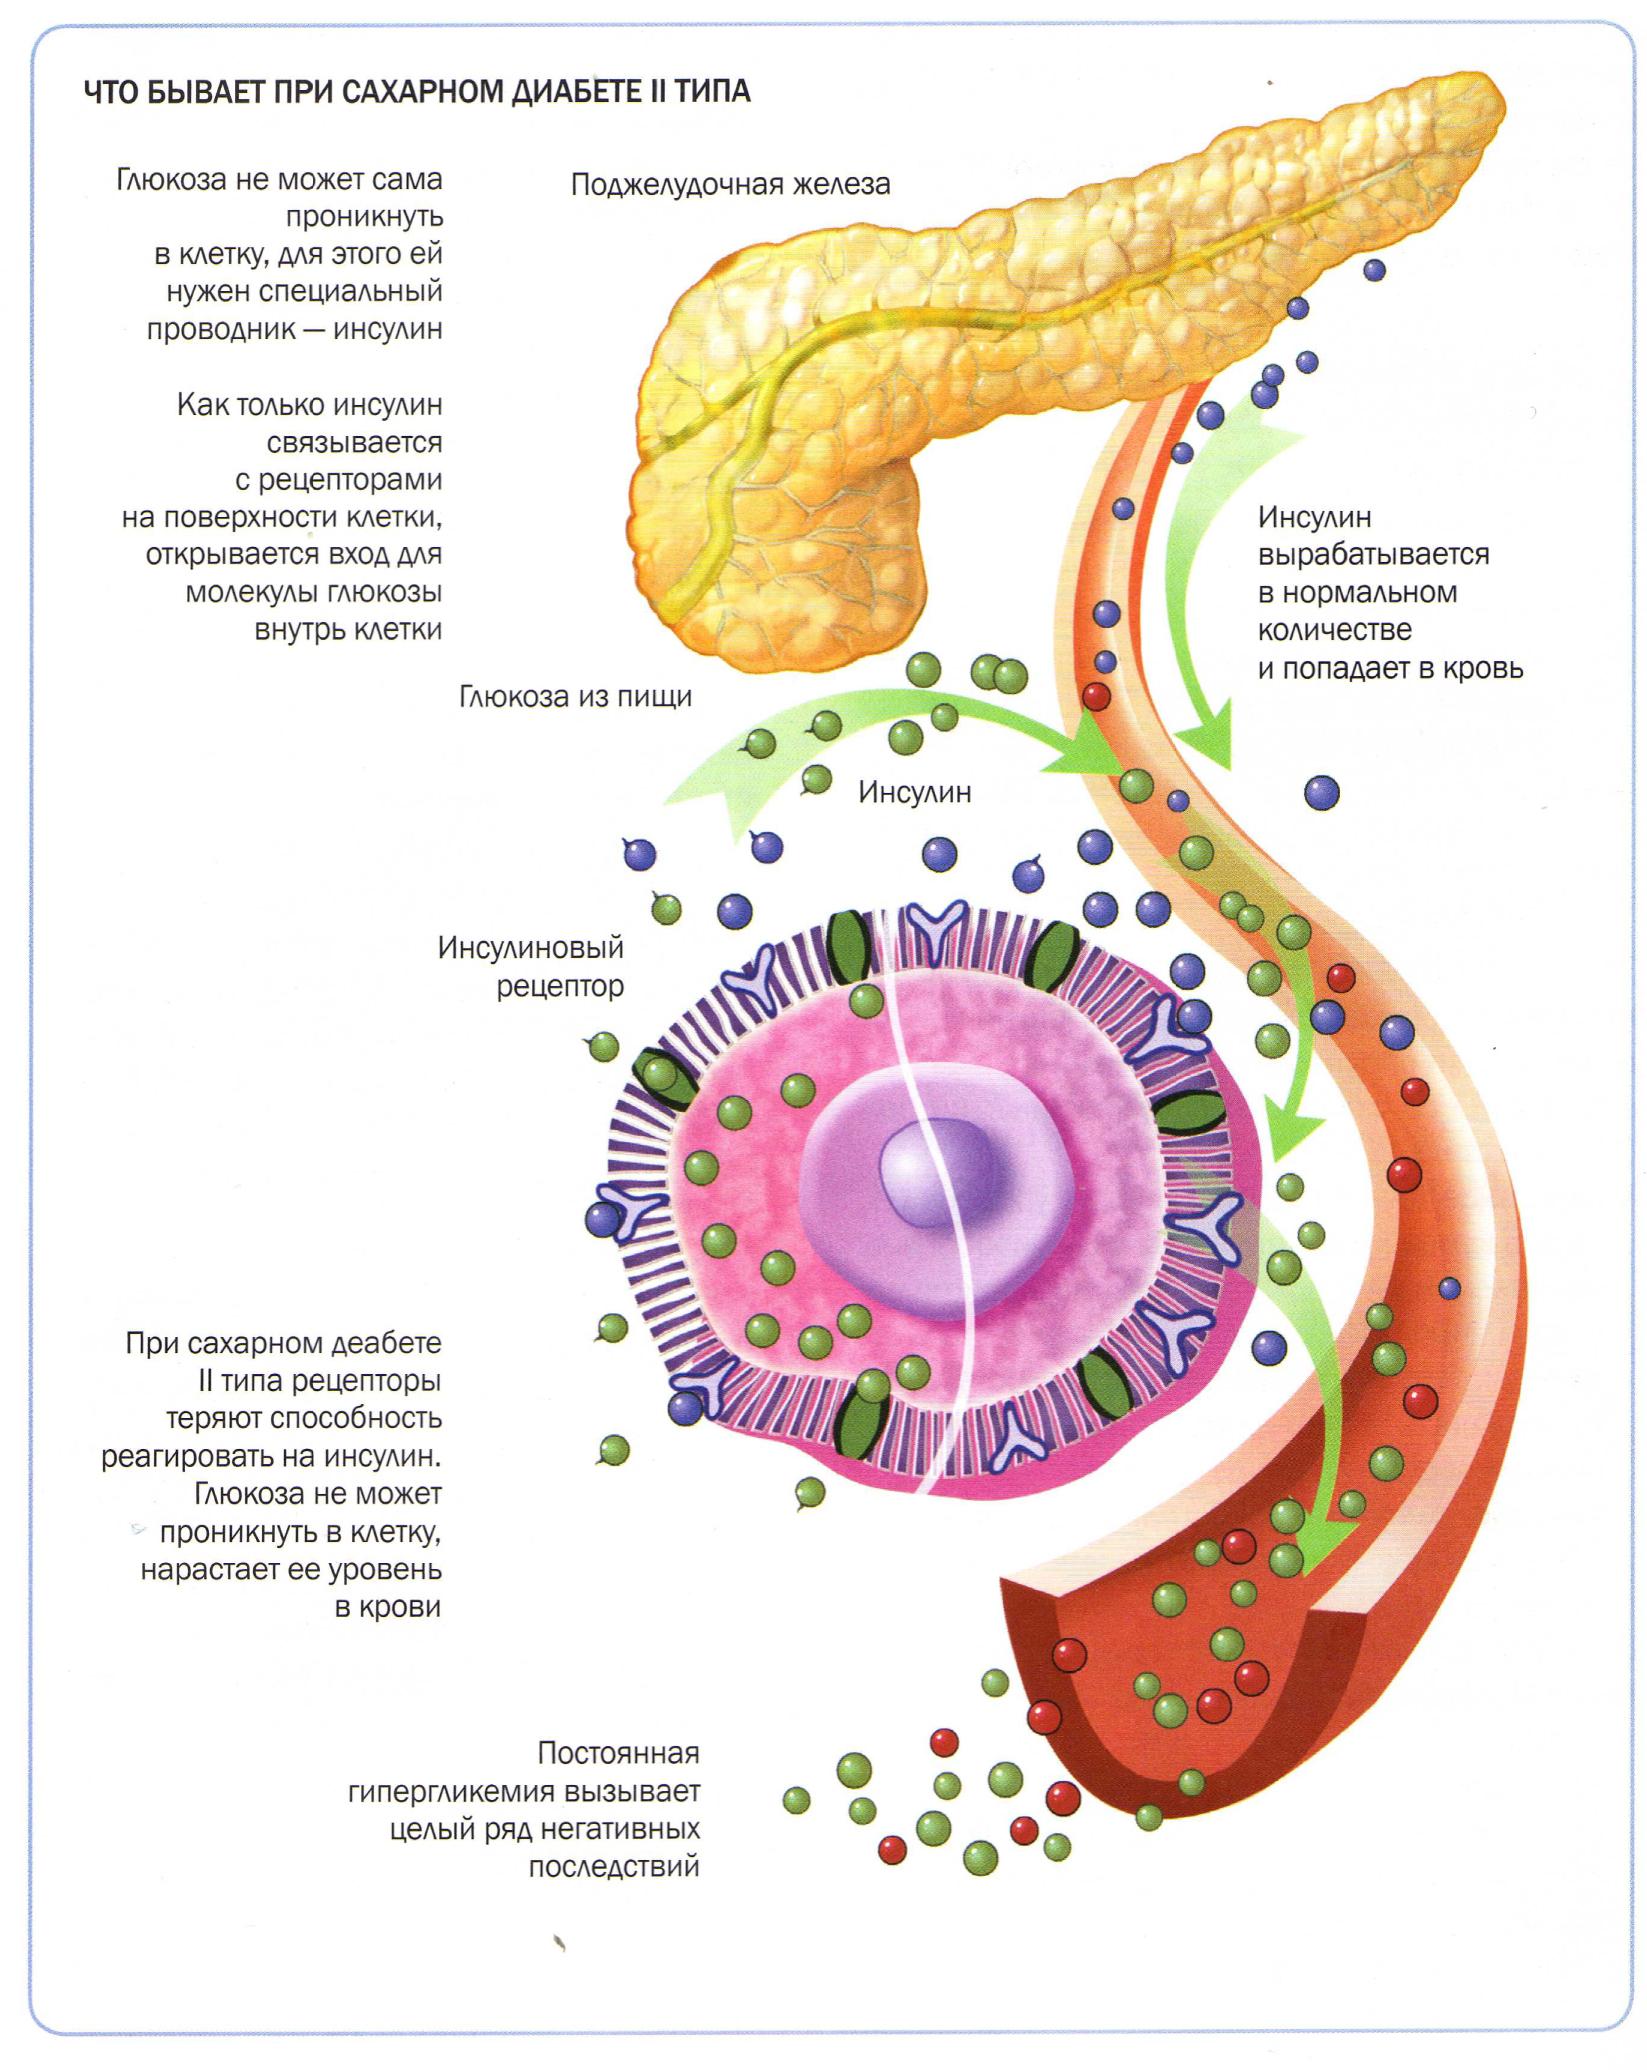 Список продуктов диабетиков